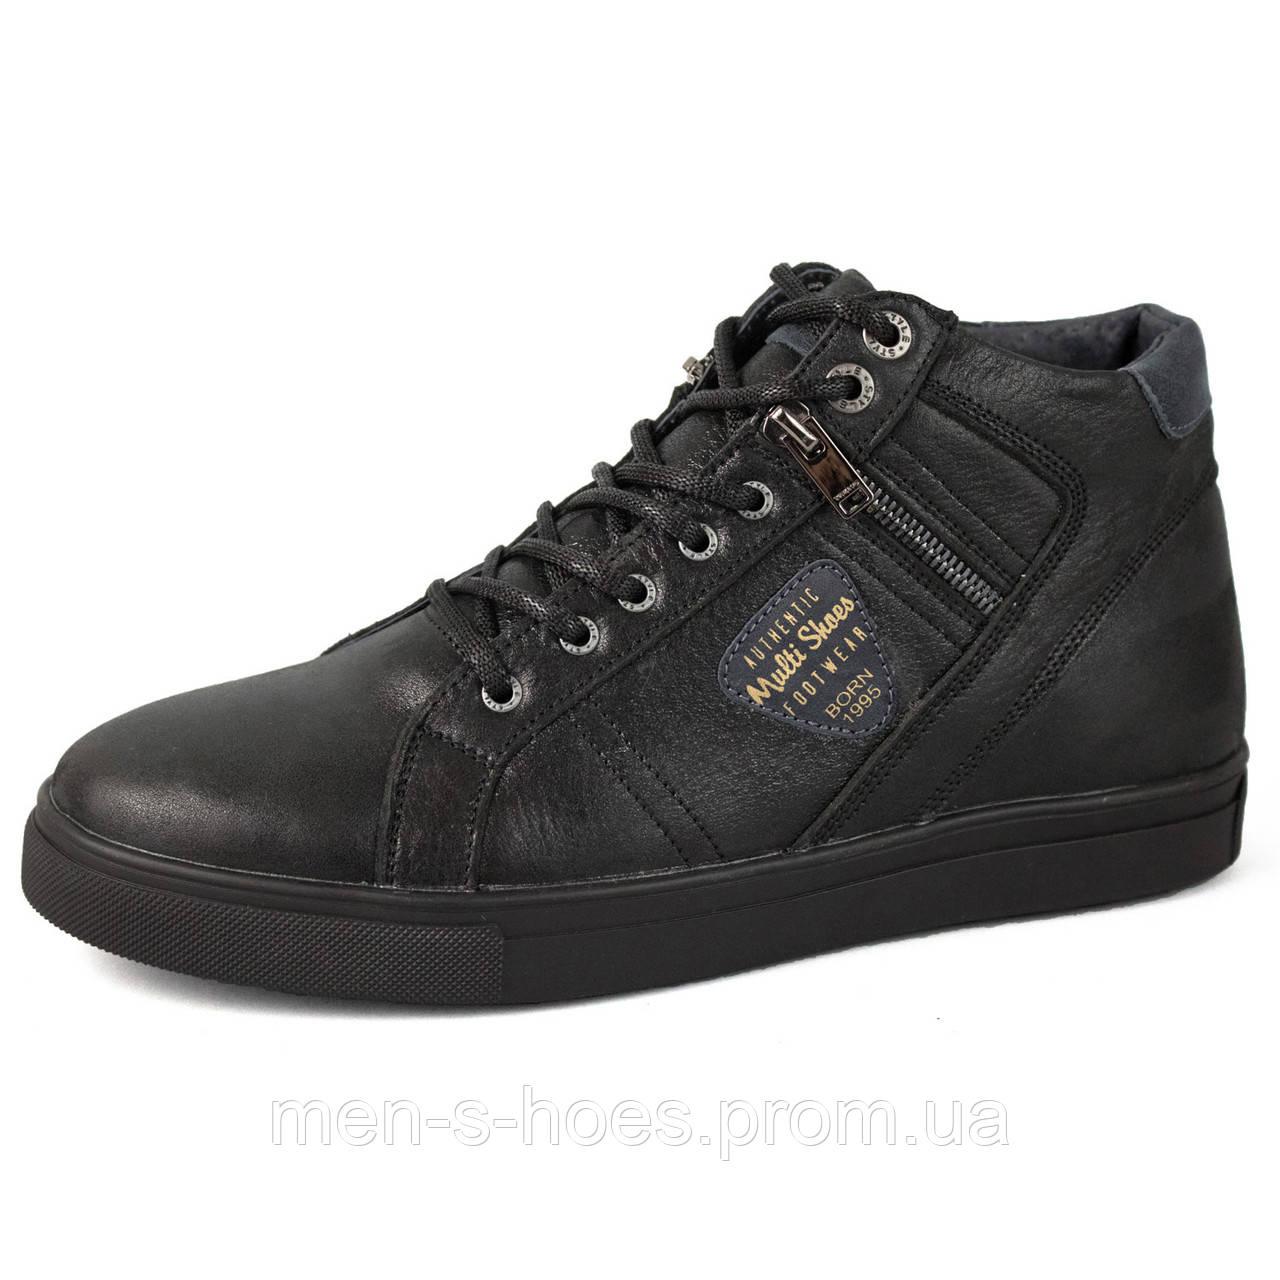 Зимние мужские  кожаные  ботинки Multi Shoes Black